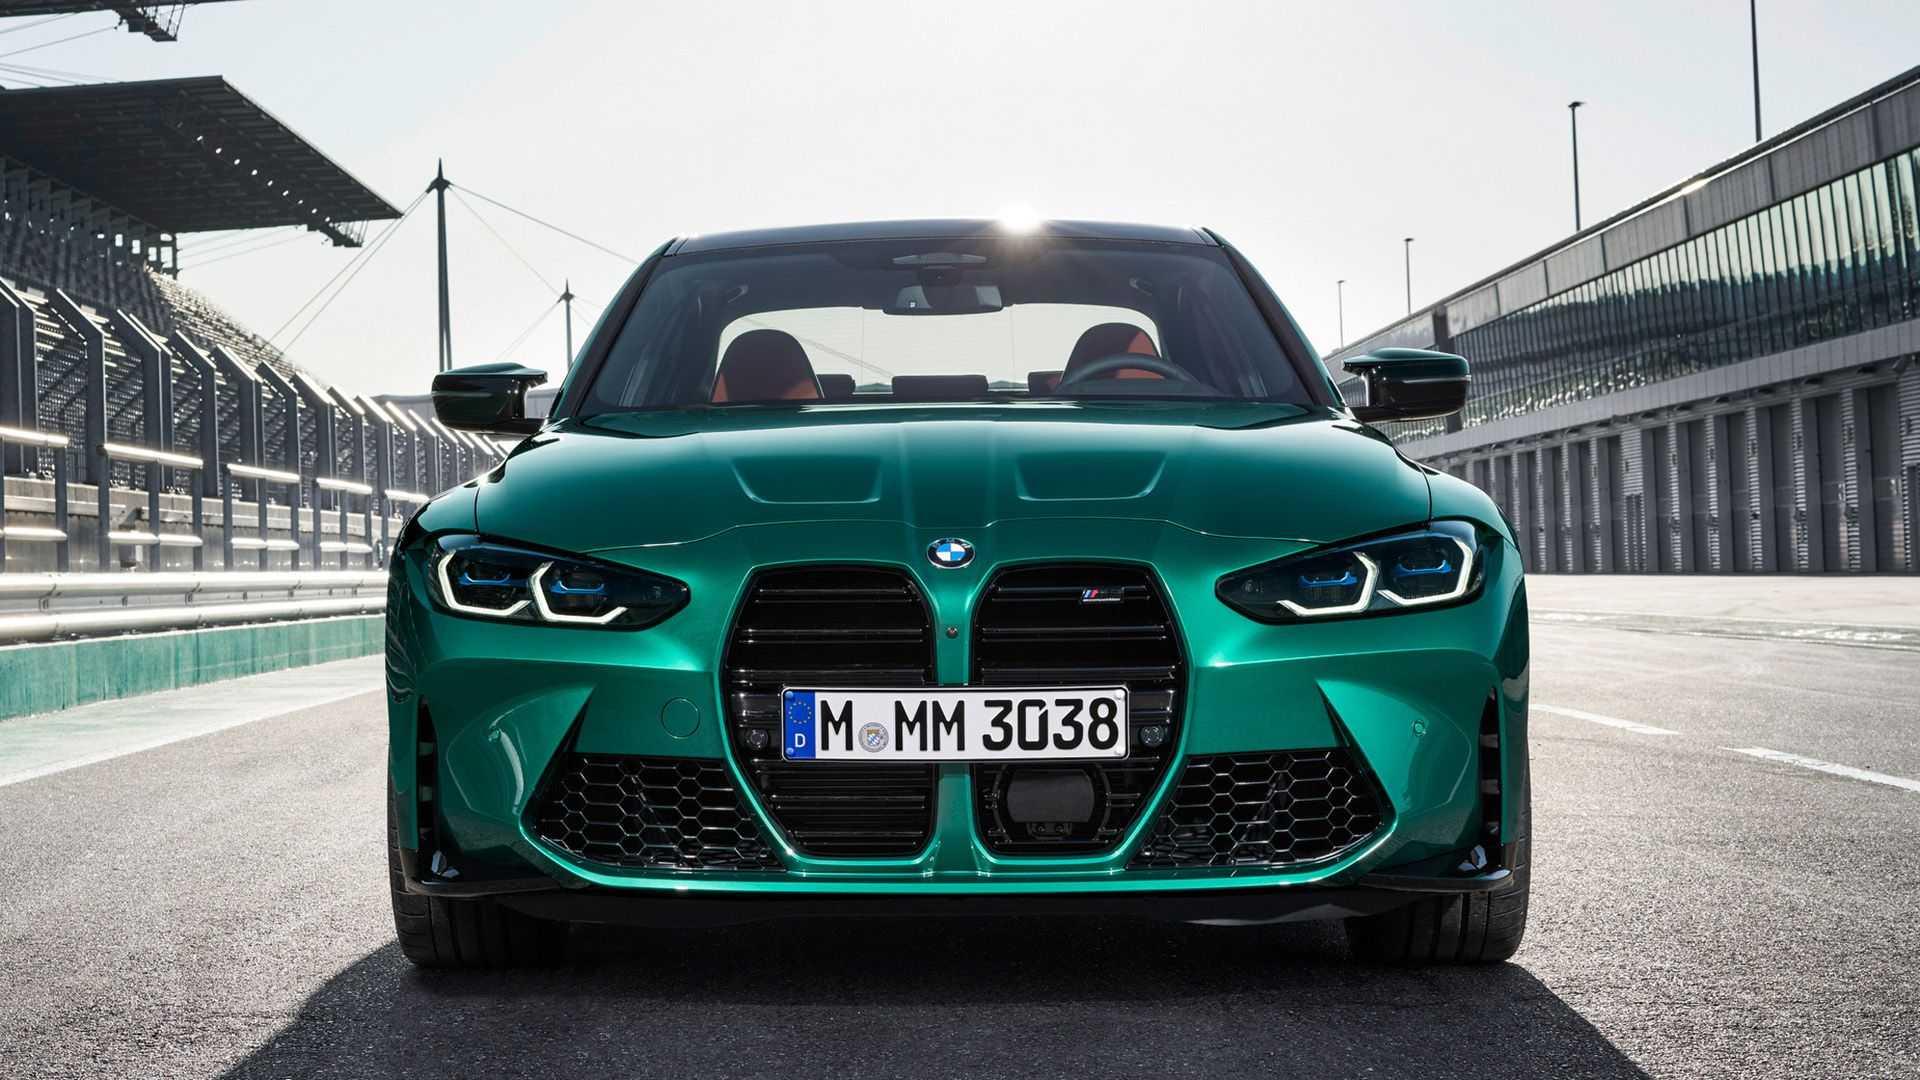 BMW M4 - dlaczego ma tak duży grill?